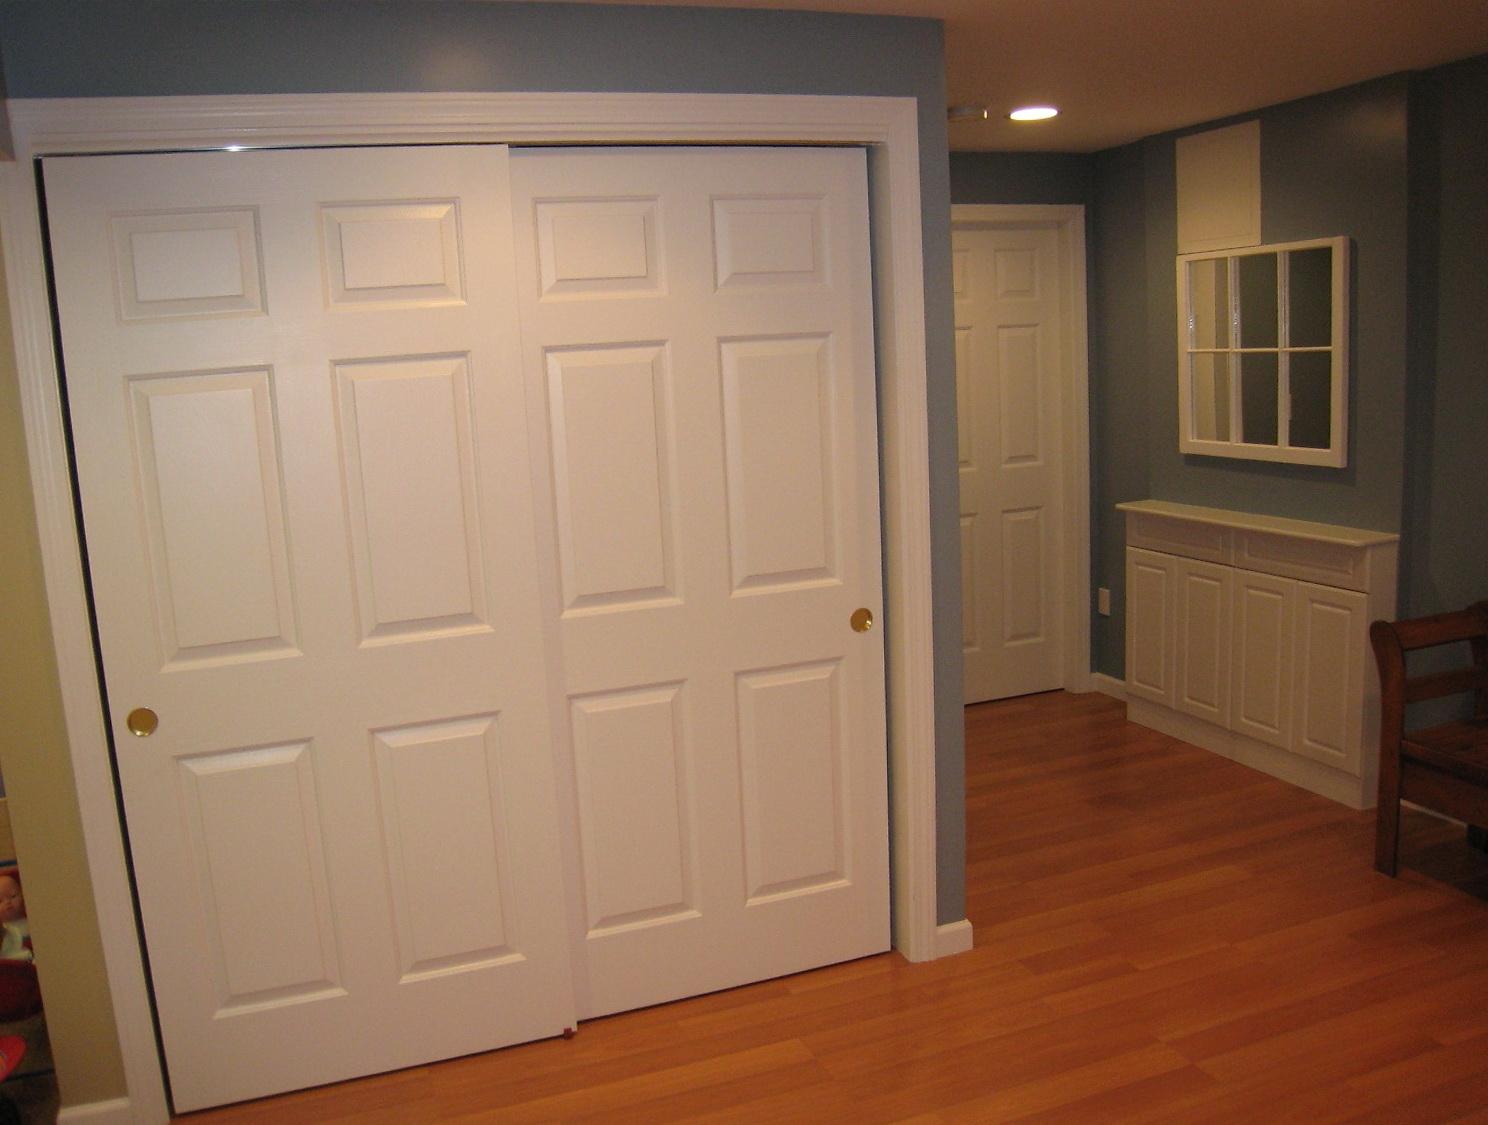 Door Pulls For Sliding Closet DoorsDoor Pulls For Sliding Closet Doors